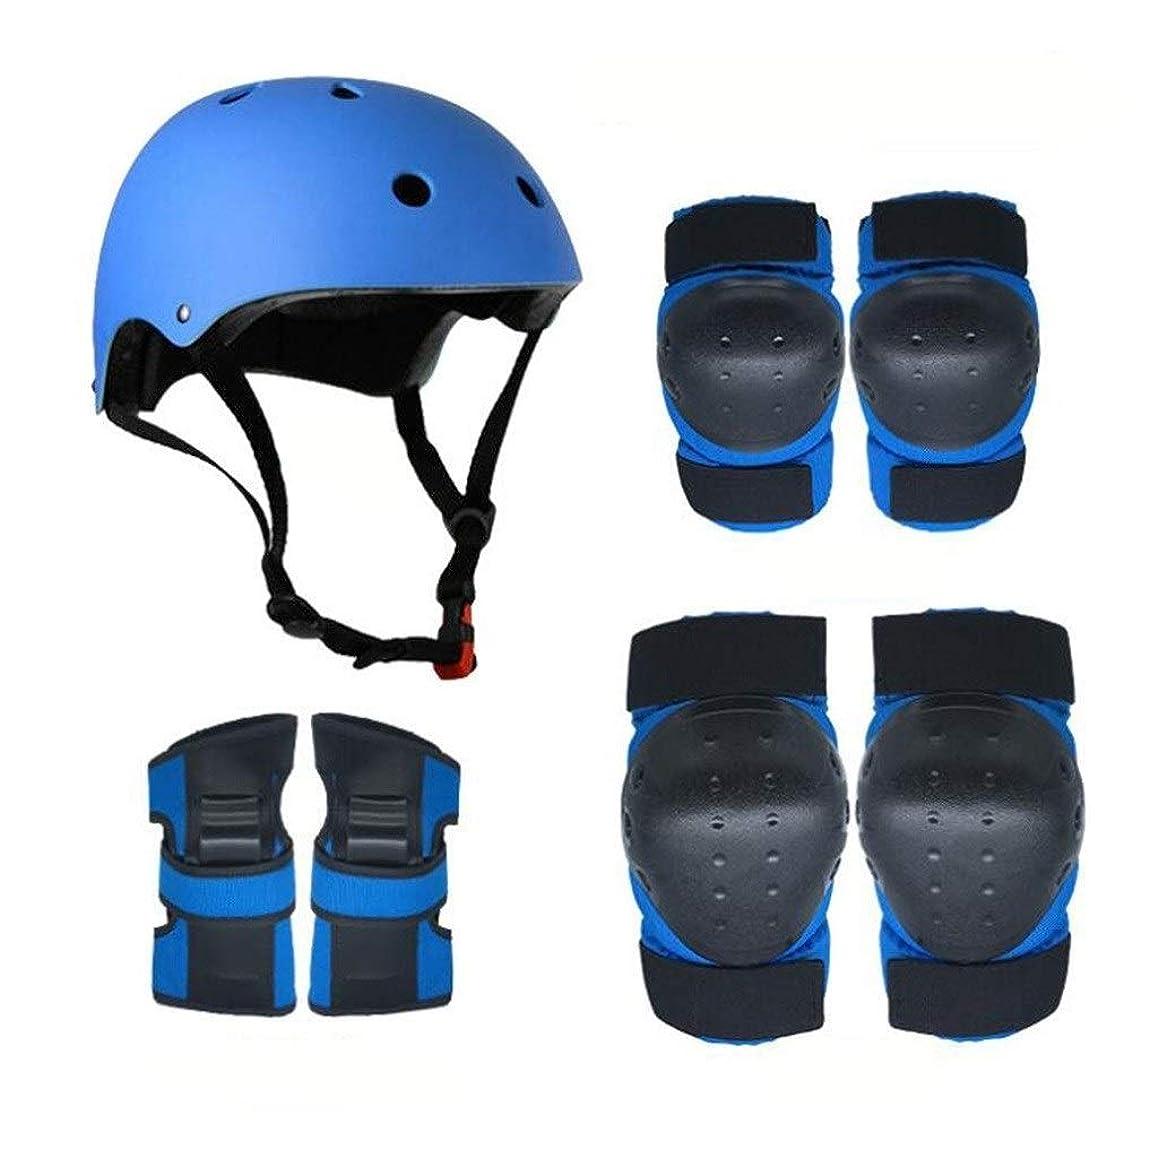 著者立ち向かう新しい意味成人用保護具、乗馬用膝パッド、スケート/ローラースケート、スケート用保護具ヘルメット、 (色 : 青, サイズ さいず : M m)